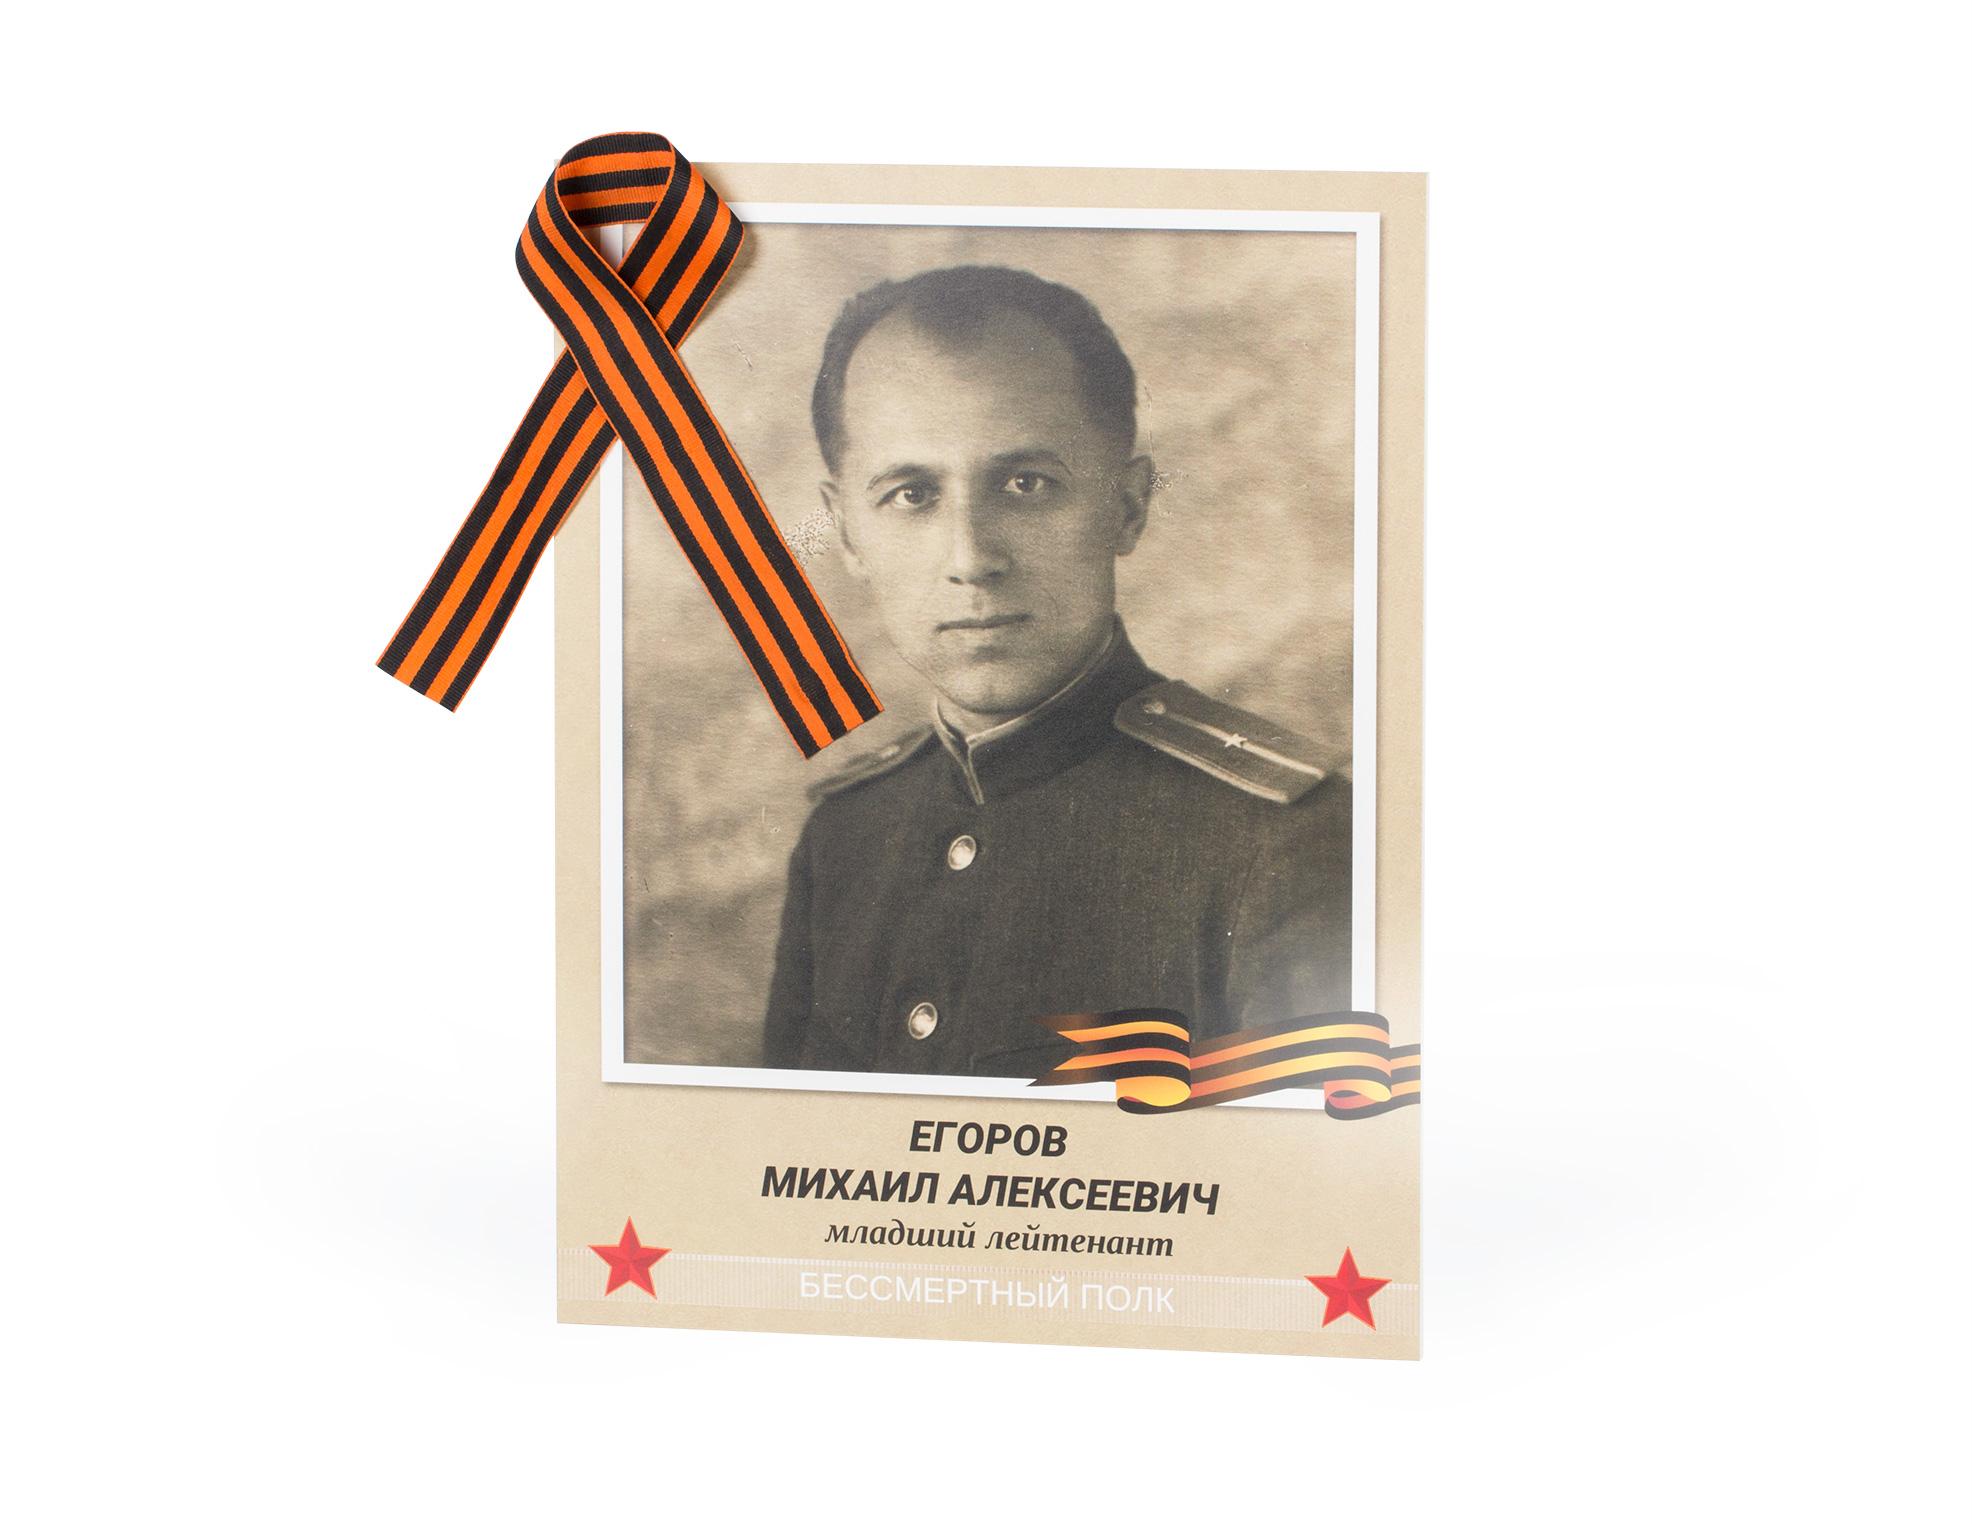 Качественная печать фото на пенокартоне в регионах России с доставкой